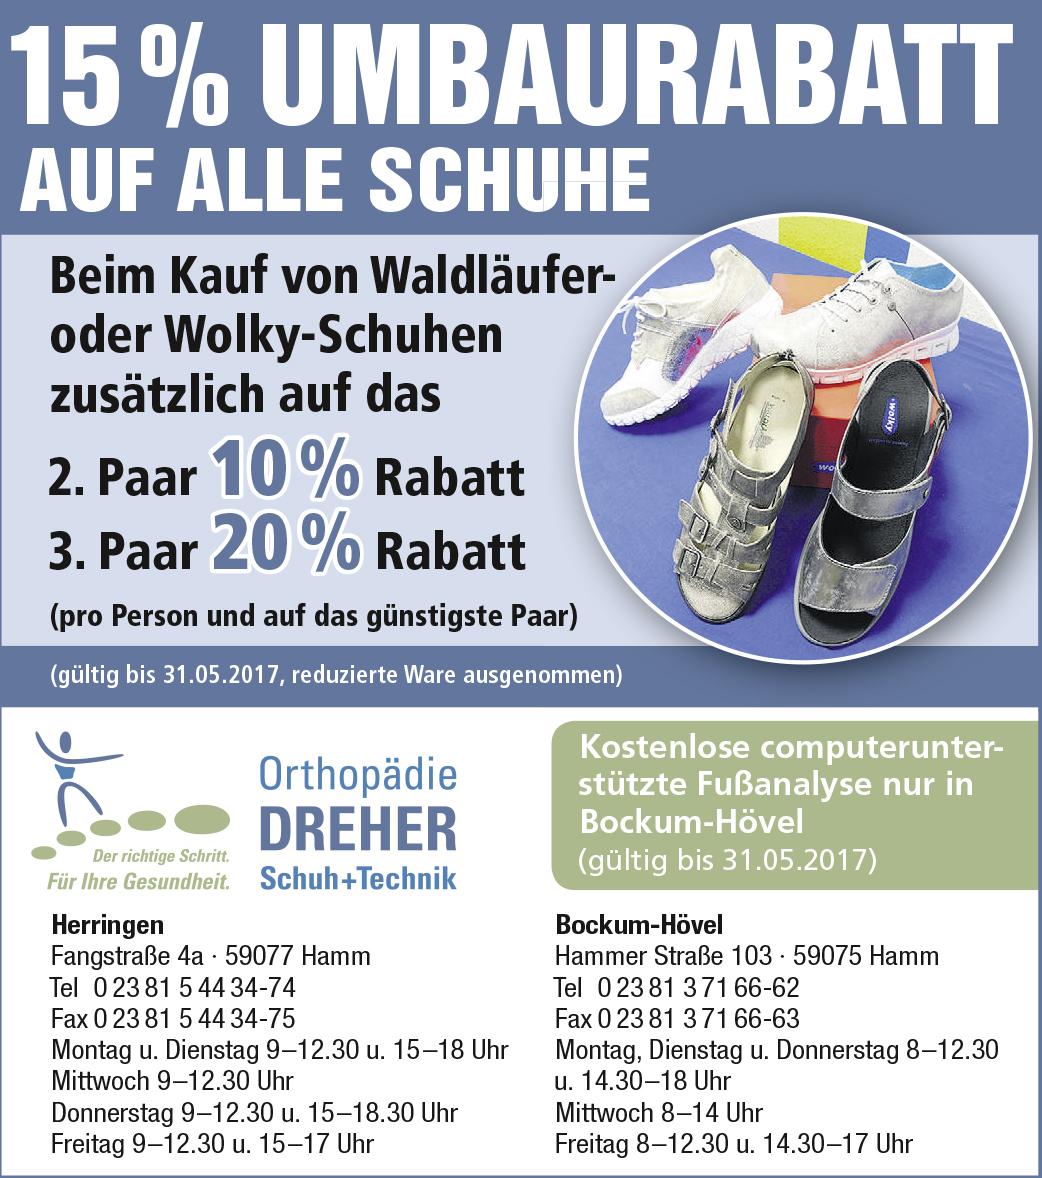 Orthopädie Dreher Schuh+Technik – 15 % Umbaurabatt auf alle Schuhe im April und Mai 2017